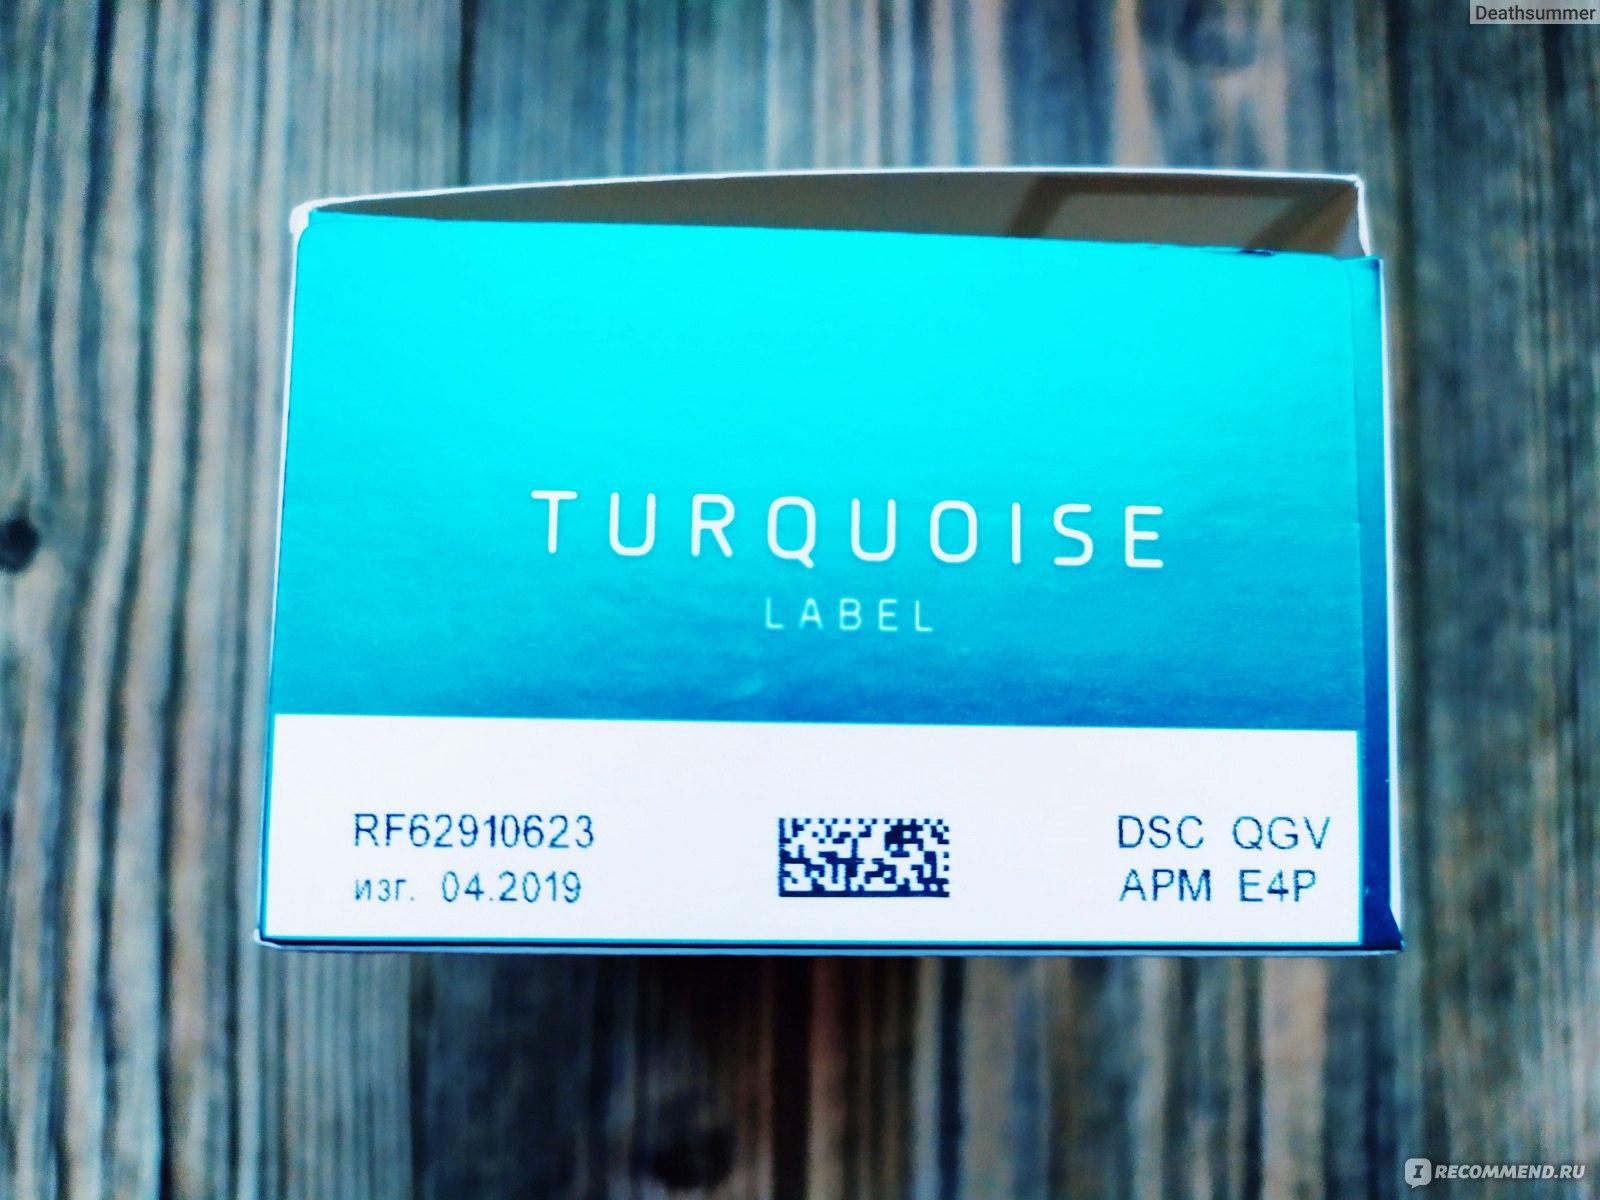 Стики табачные heets turquoise label 1 электронные сигареты одноразовые купить в москве с доставкой